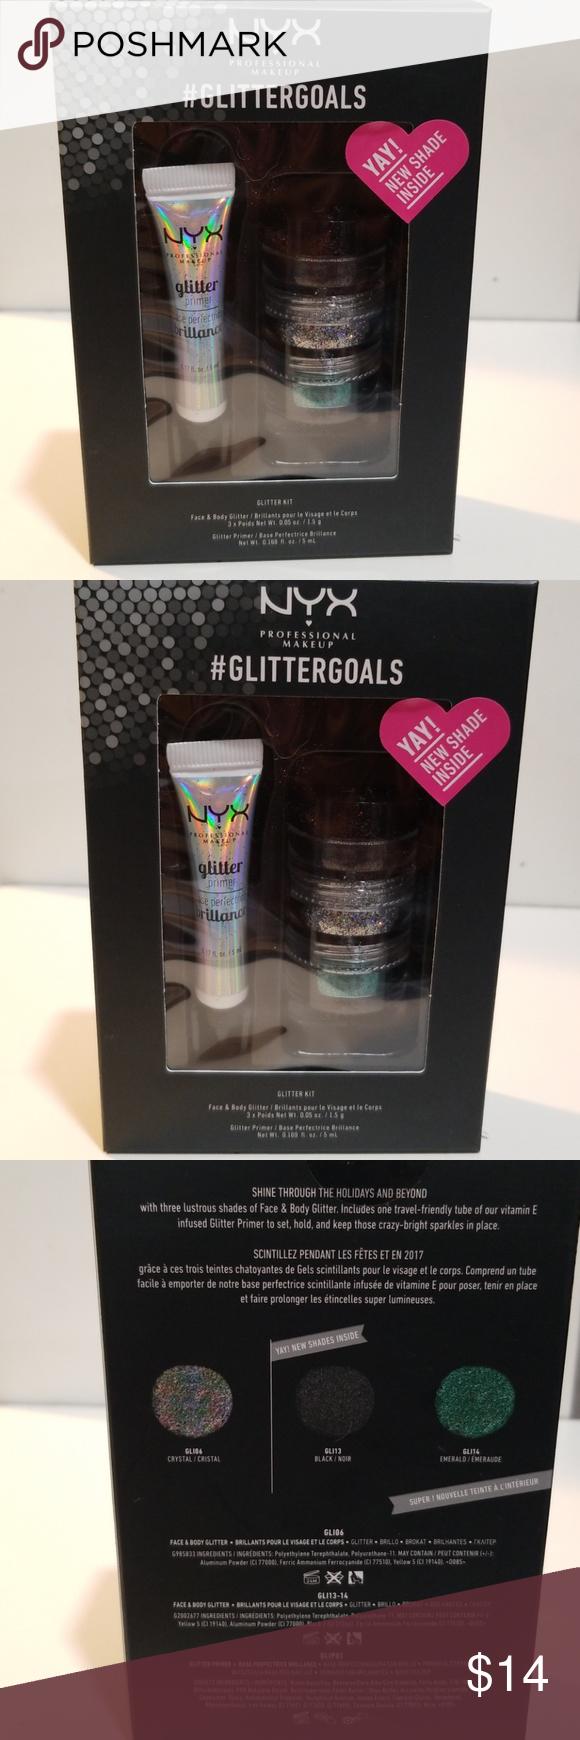 NYX Glitter Kit Body glitter, Glitter, Nyx makeup